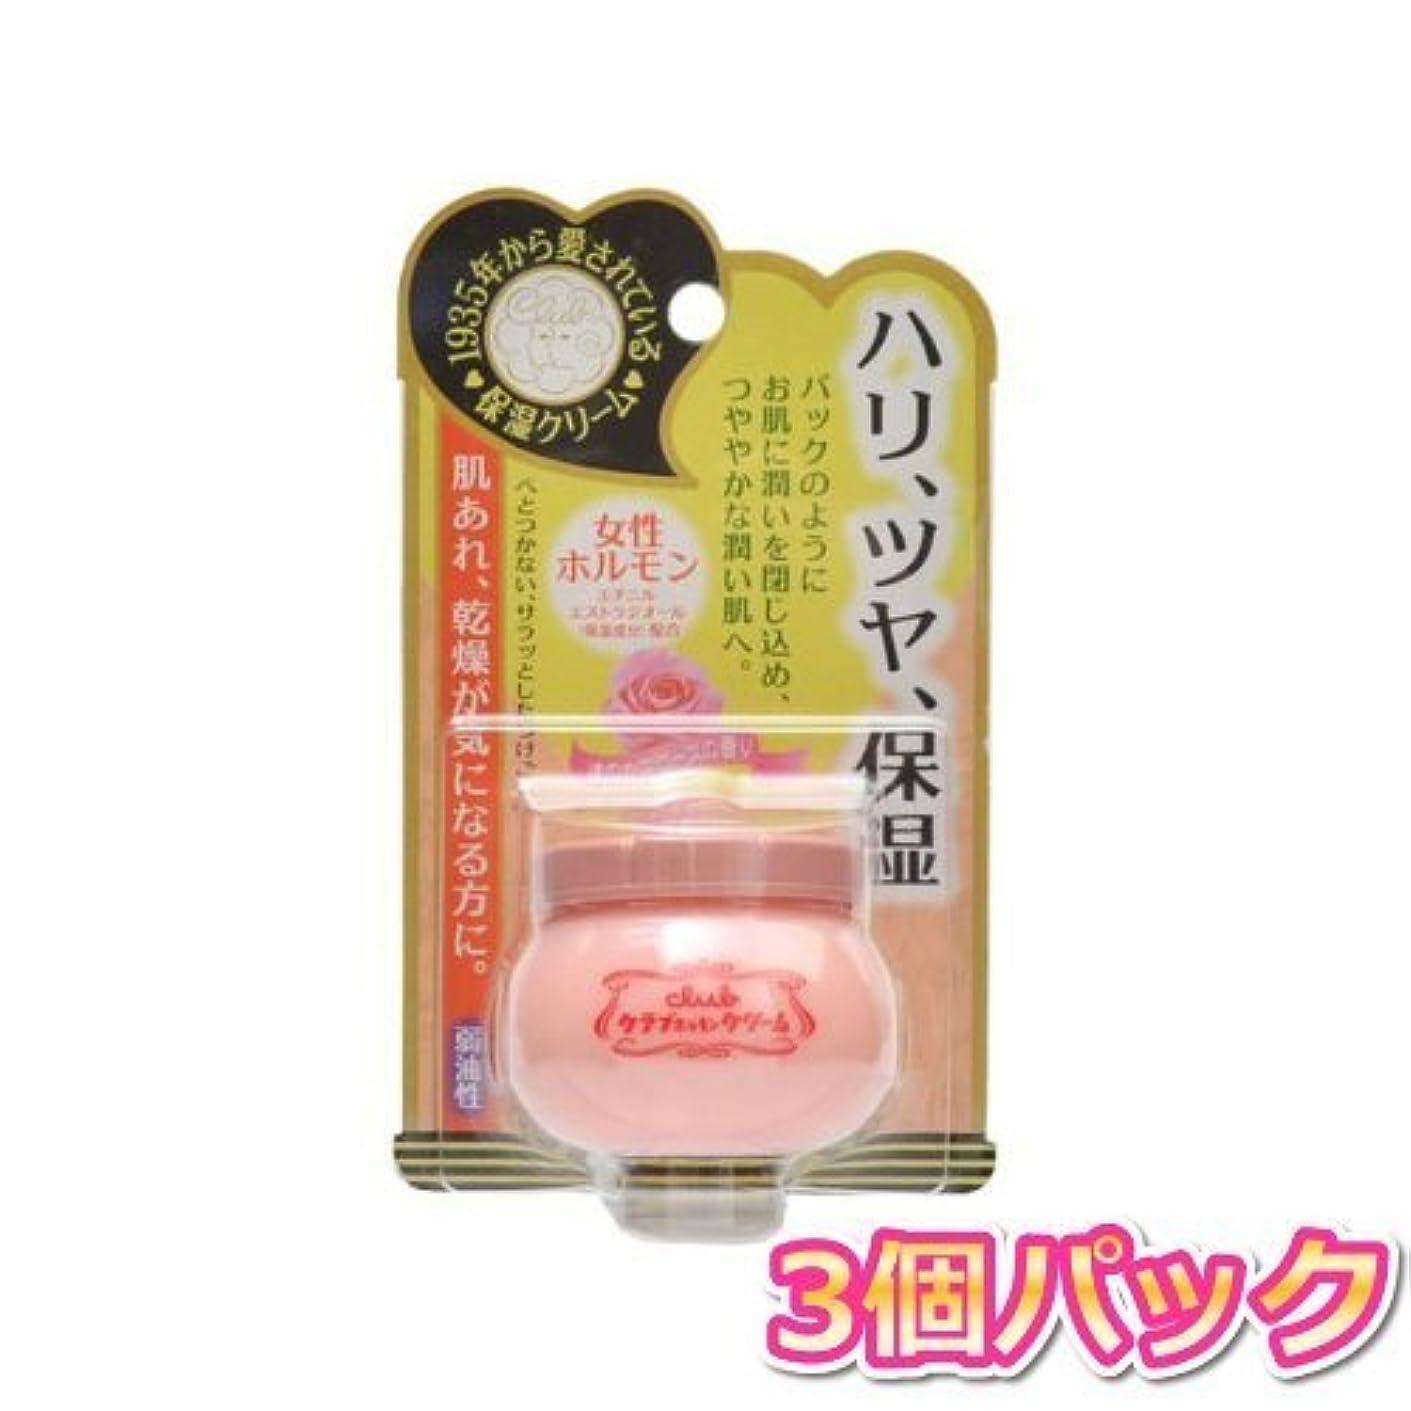 有能な好奇心犬クラブ ホルモンクリーム (微香性) 60g ローズの香り 3個パック